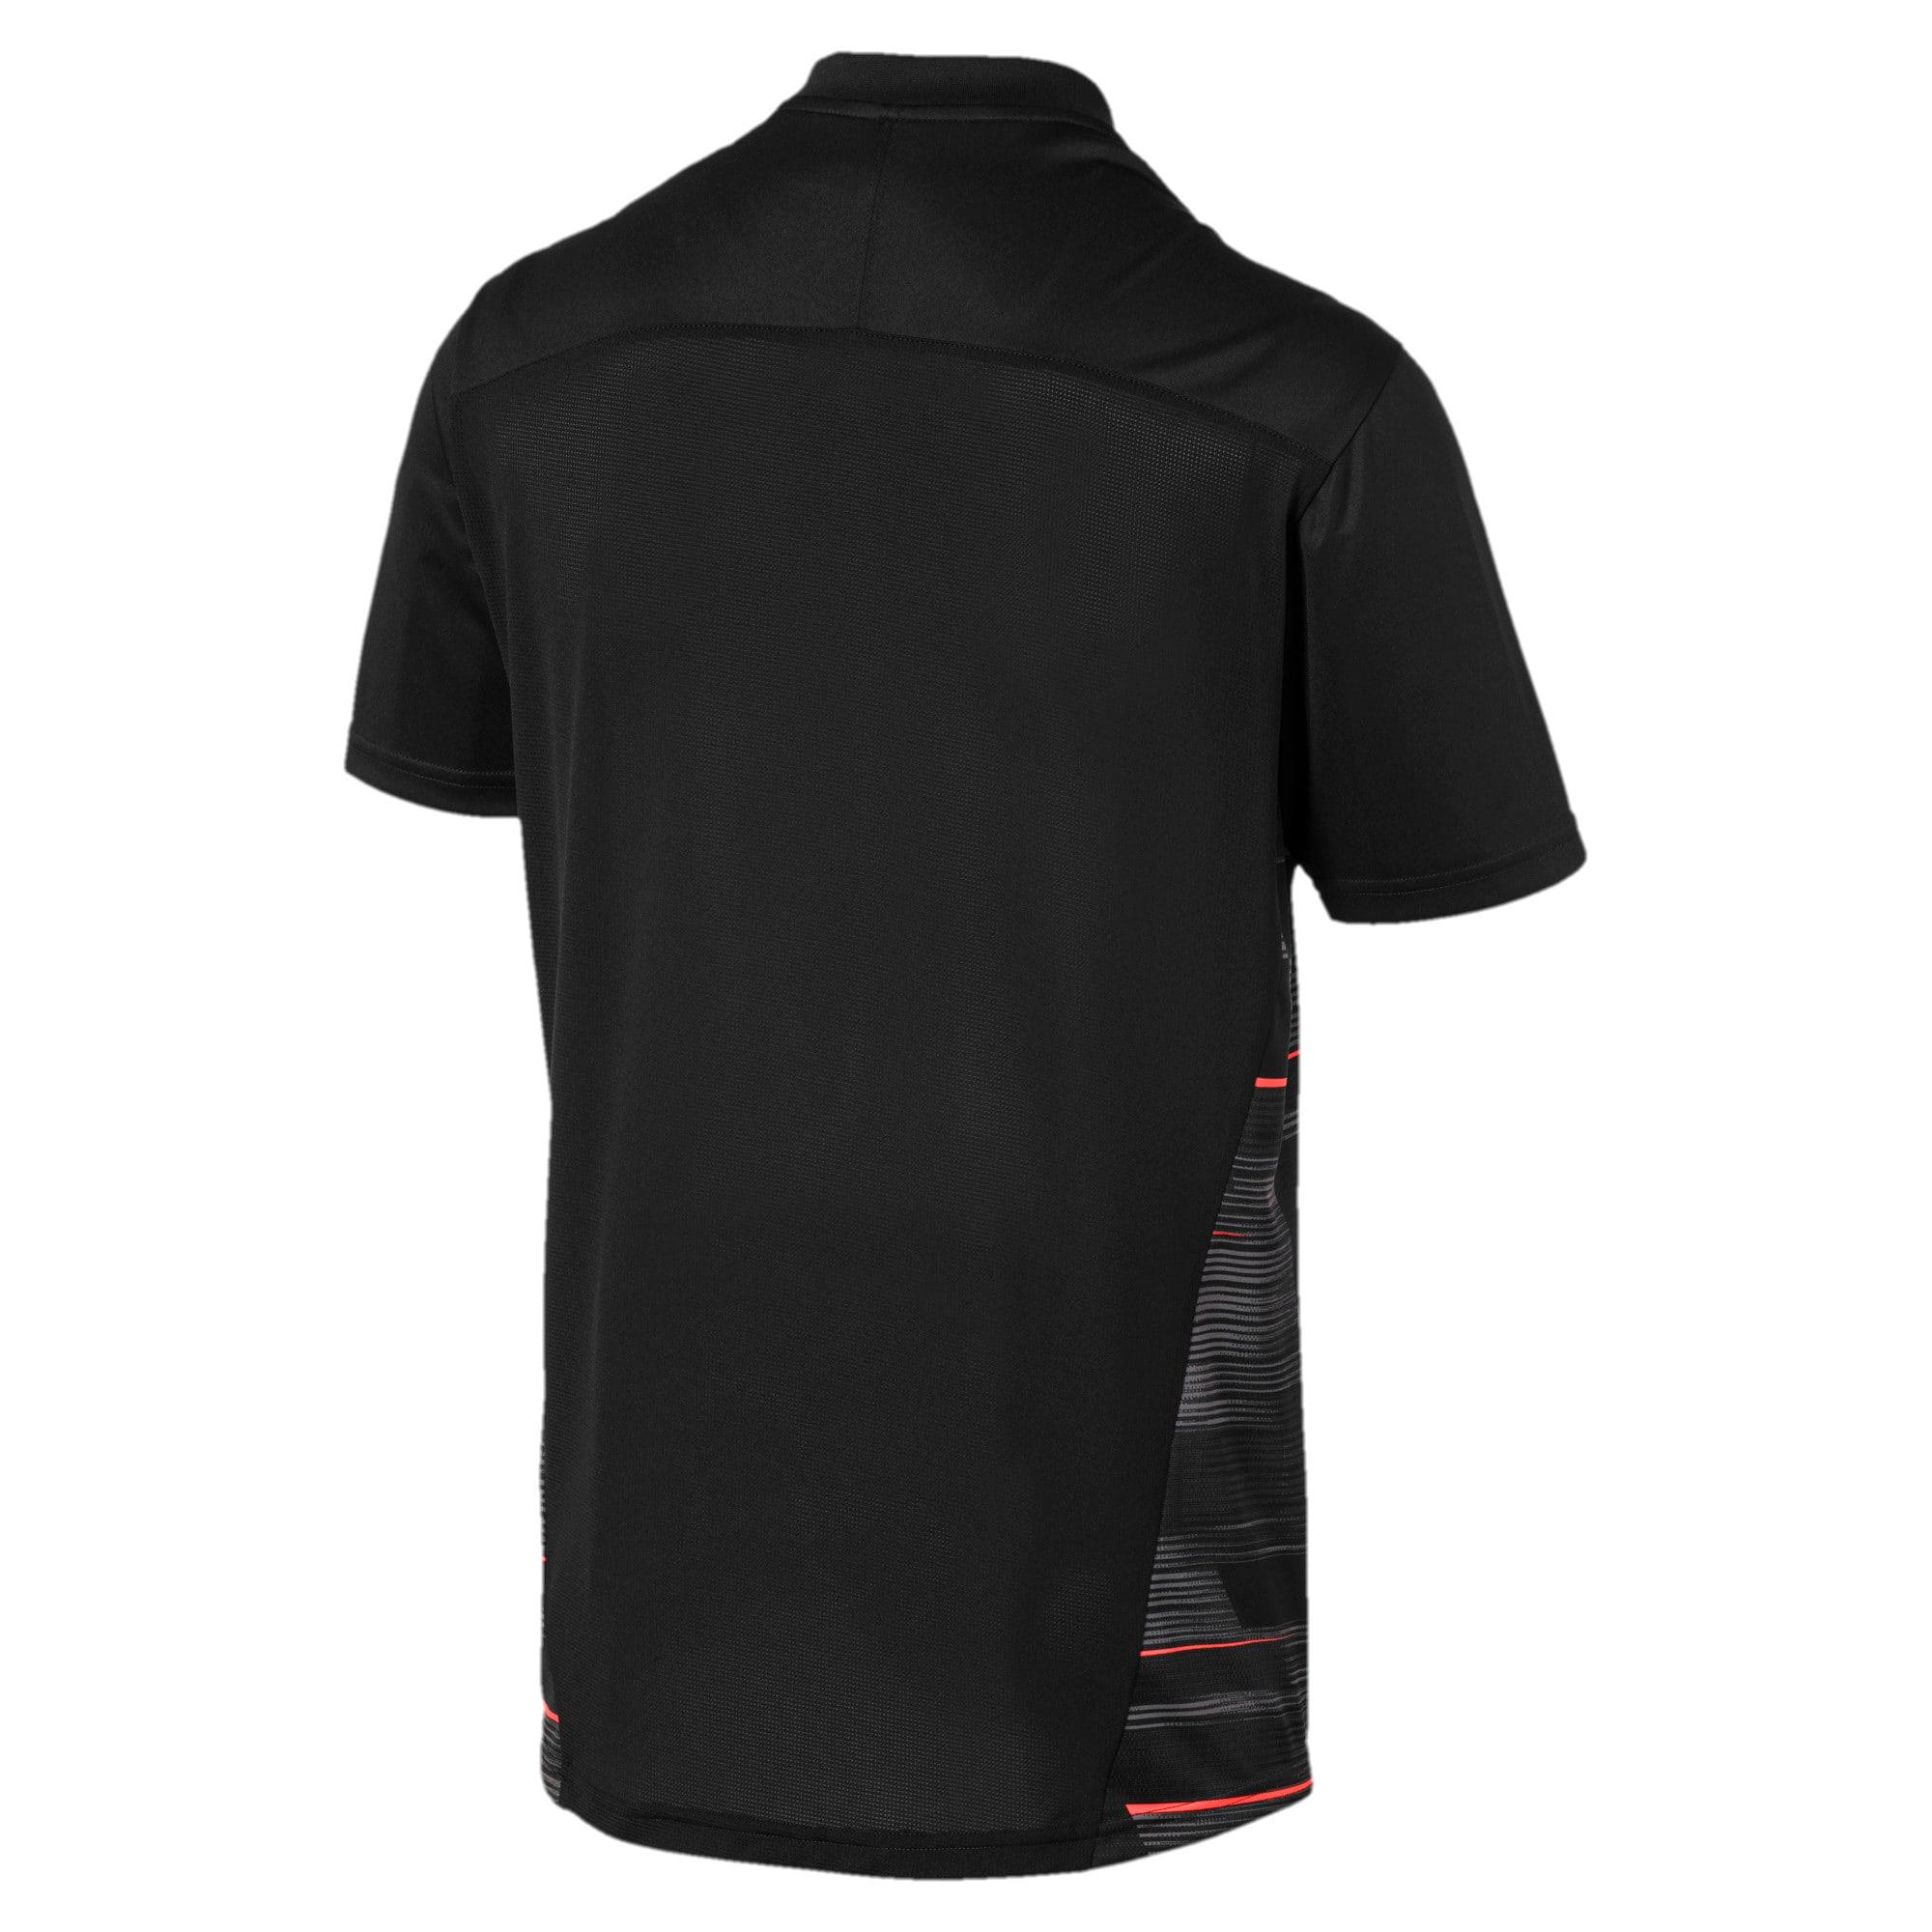 Miniatura 5 de Camiseta estampada ftblNXT para hombre, Puma Black-Nrgy Red, mediano